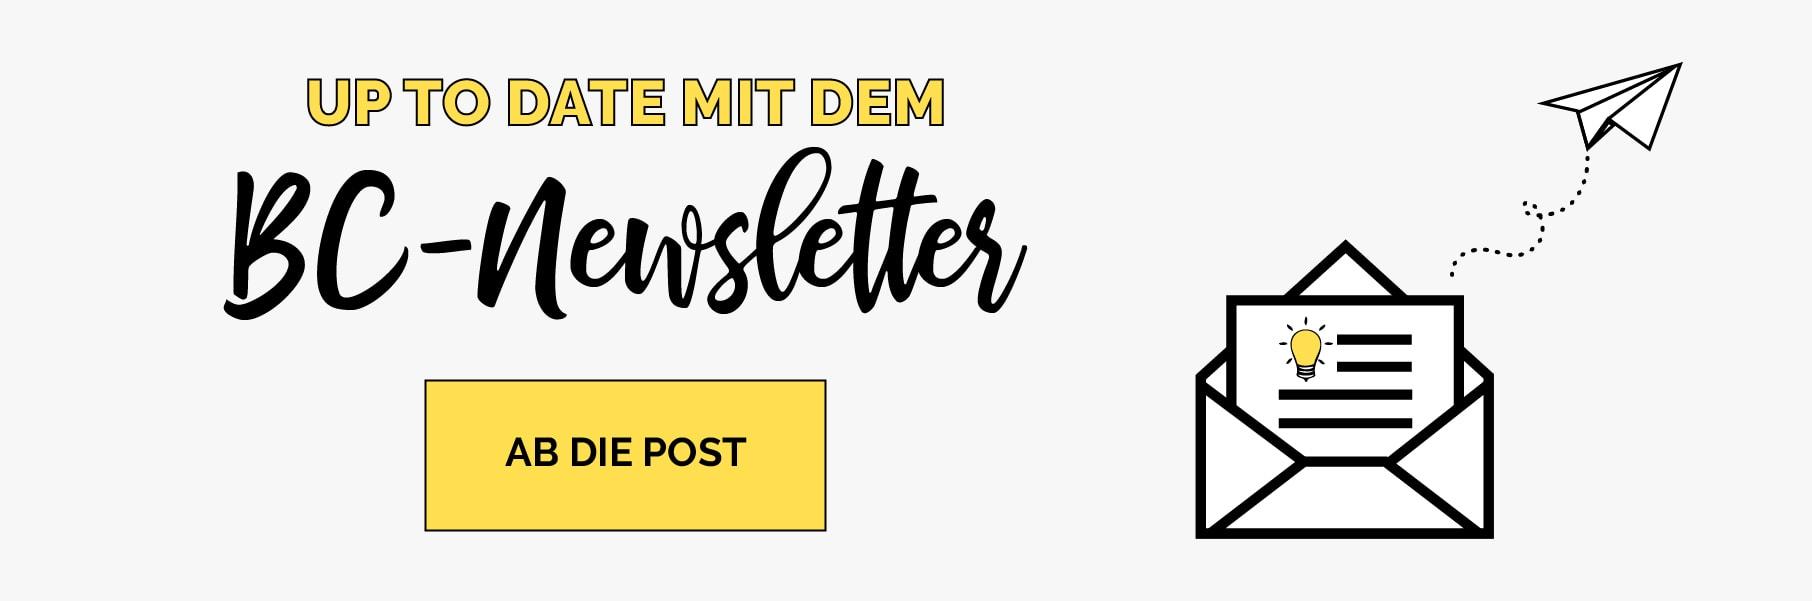 Blogger-Coaching Newsletter - Anmelden und über neue Blogbeiträge, Kurse, Coachings und Gesetzesänderungen informiert bleiben!